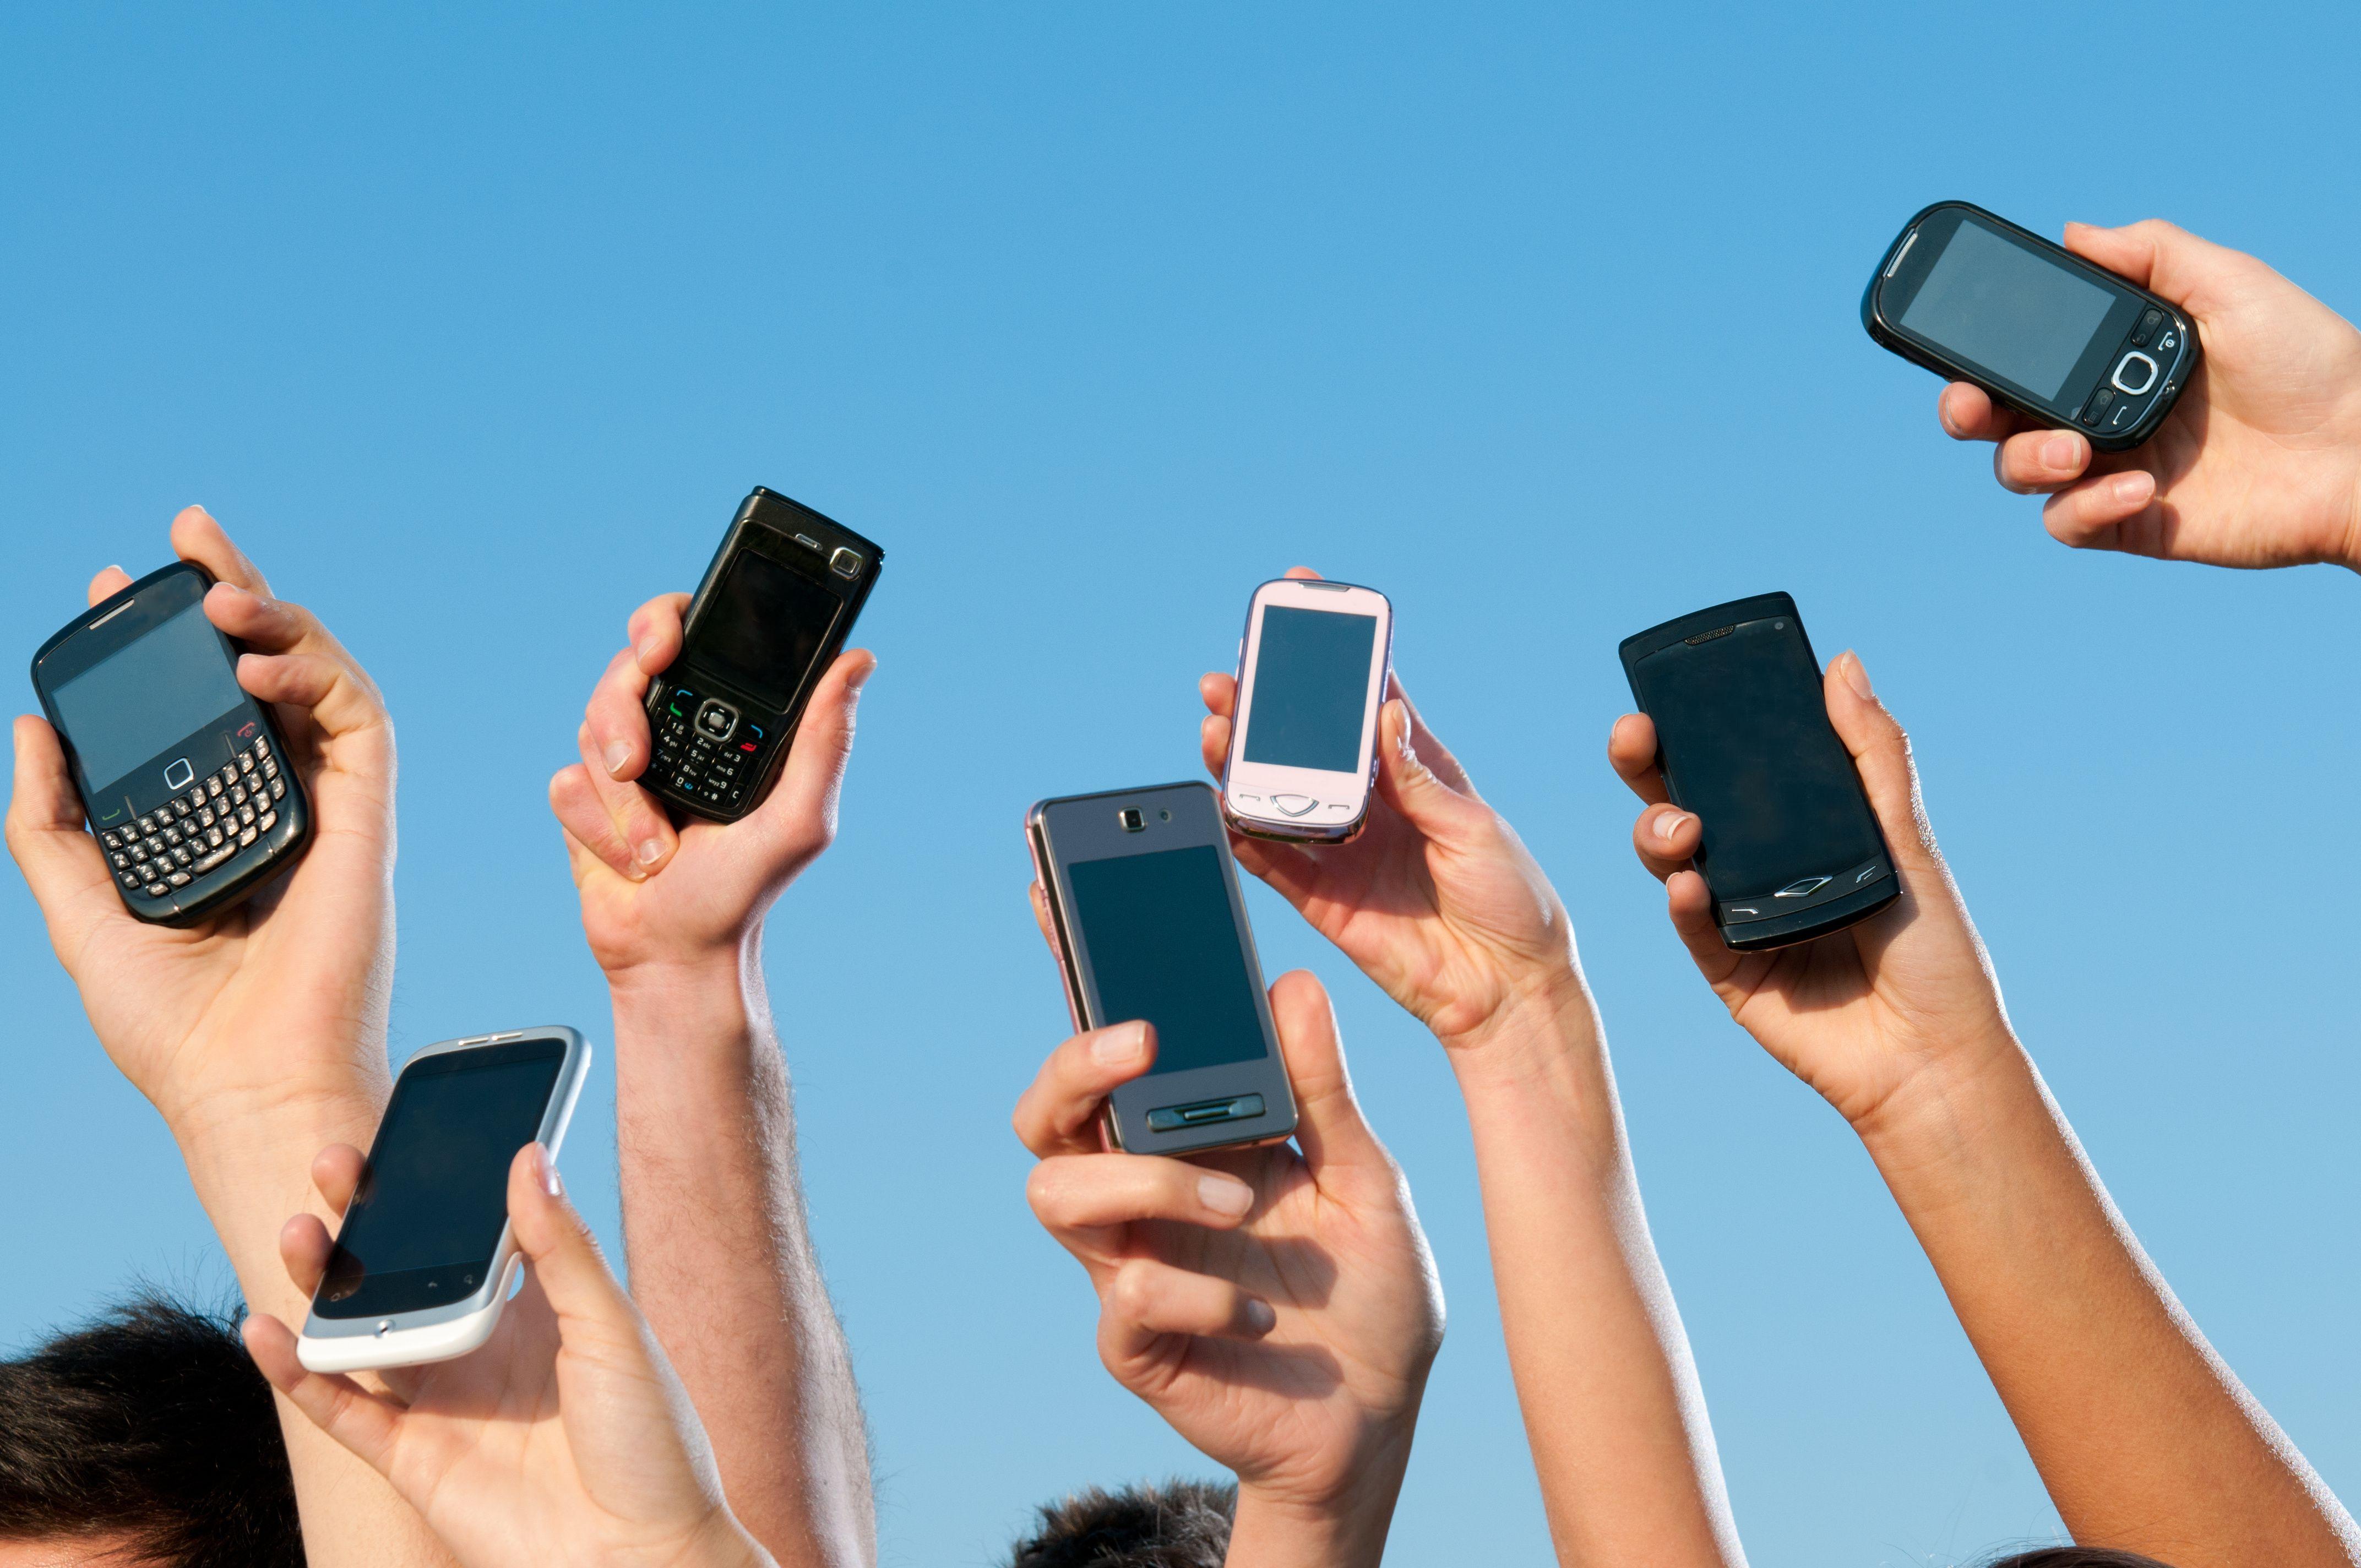 Téléphonie mobile : une concurrence avantageuse !